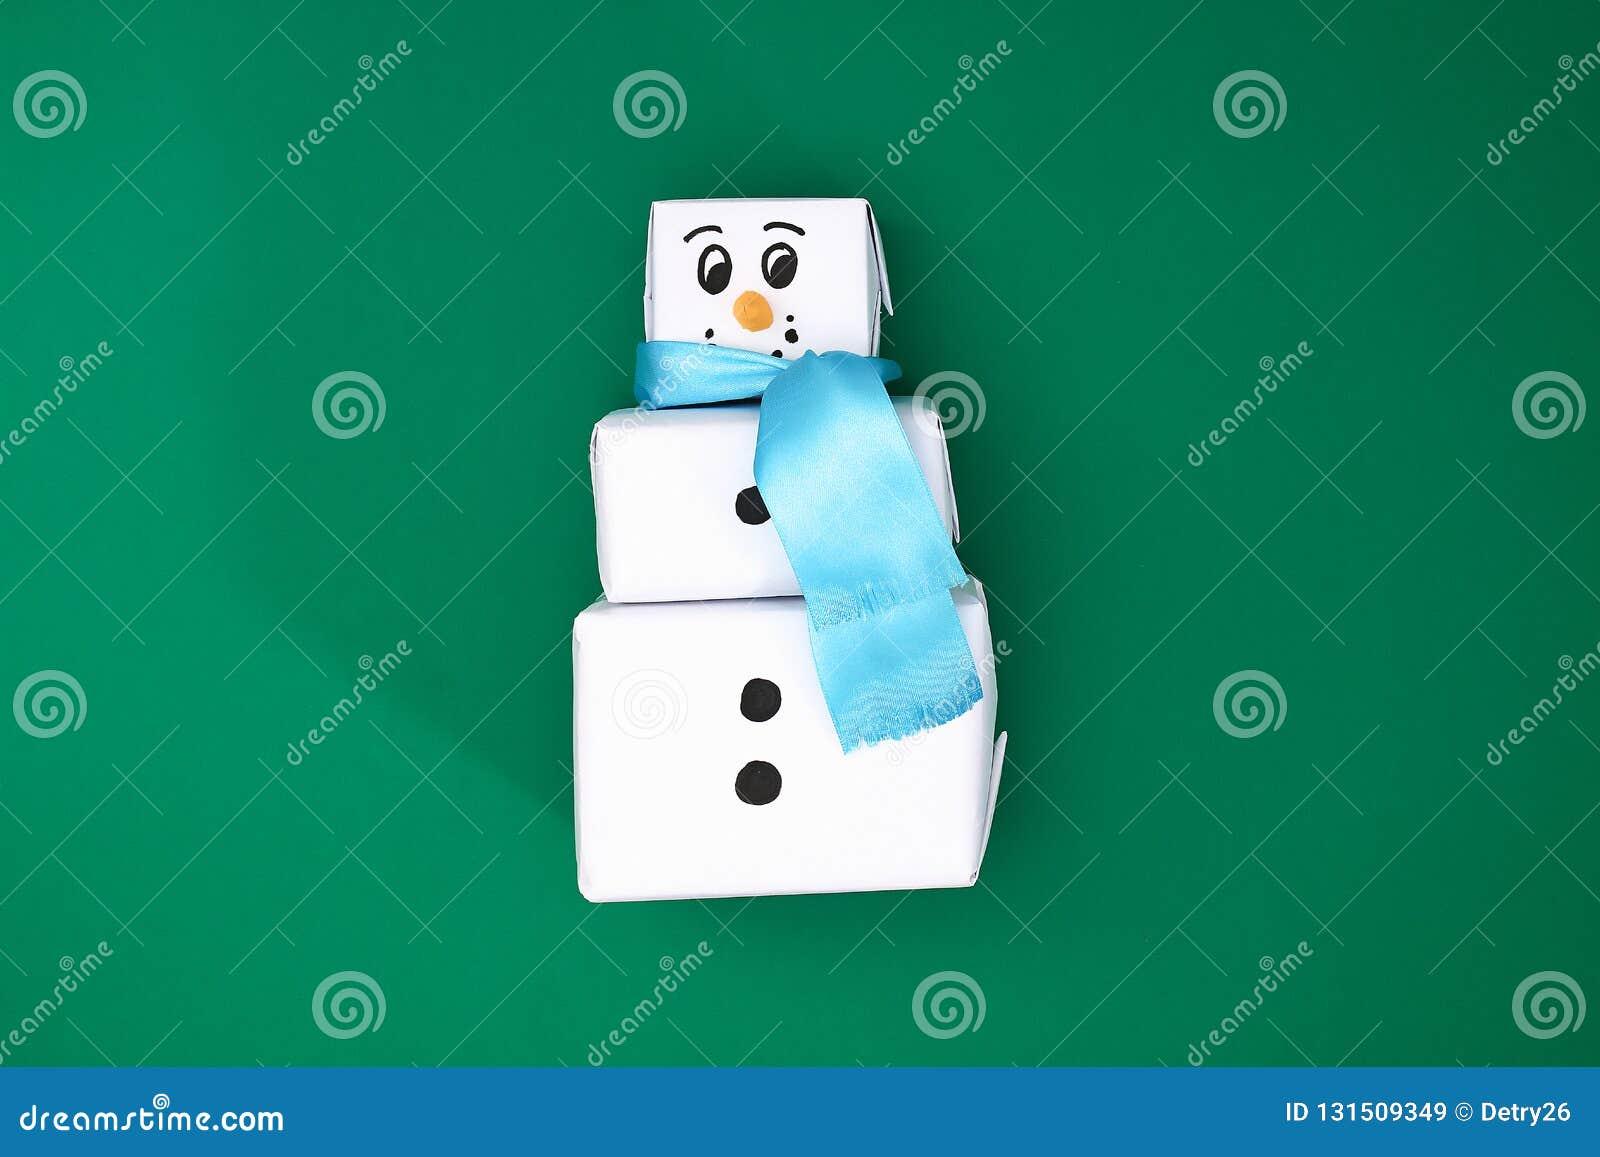 Het originele ontwerp van de drie Kerstmisgift van Witboek, een satijnlint in de vorm van een sneeuwman op een groene achtergrond